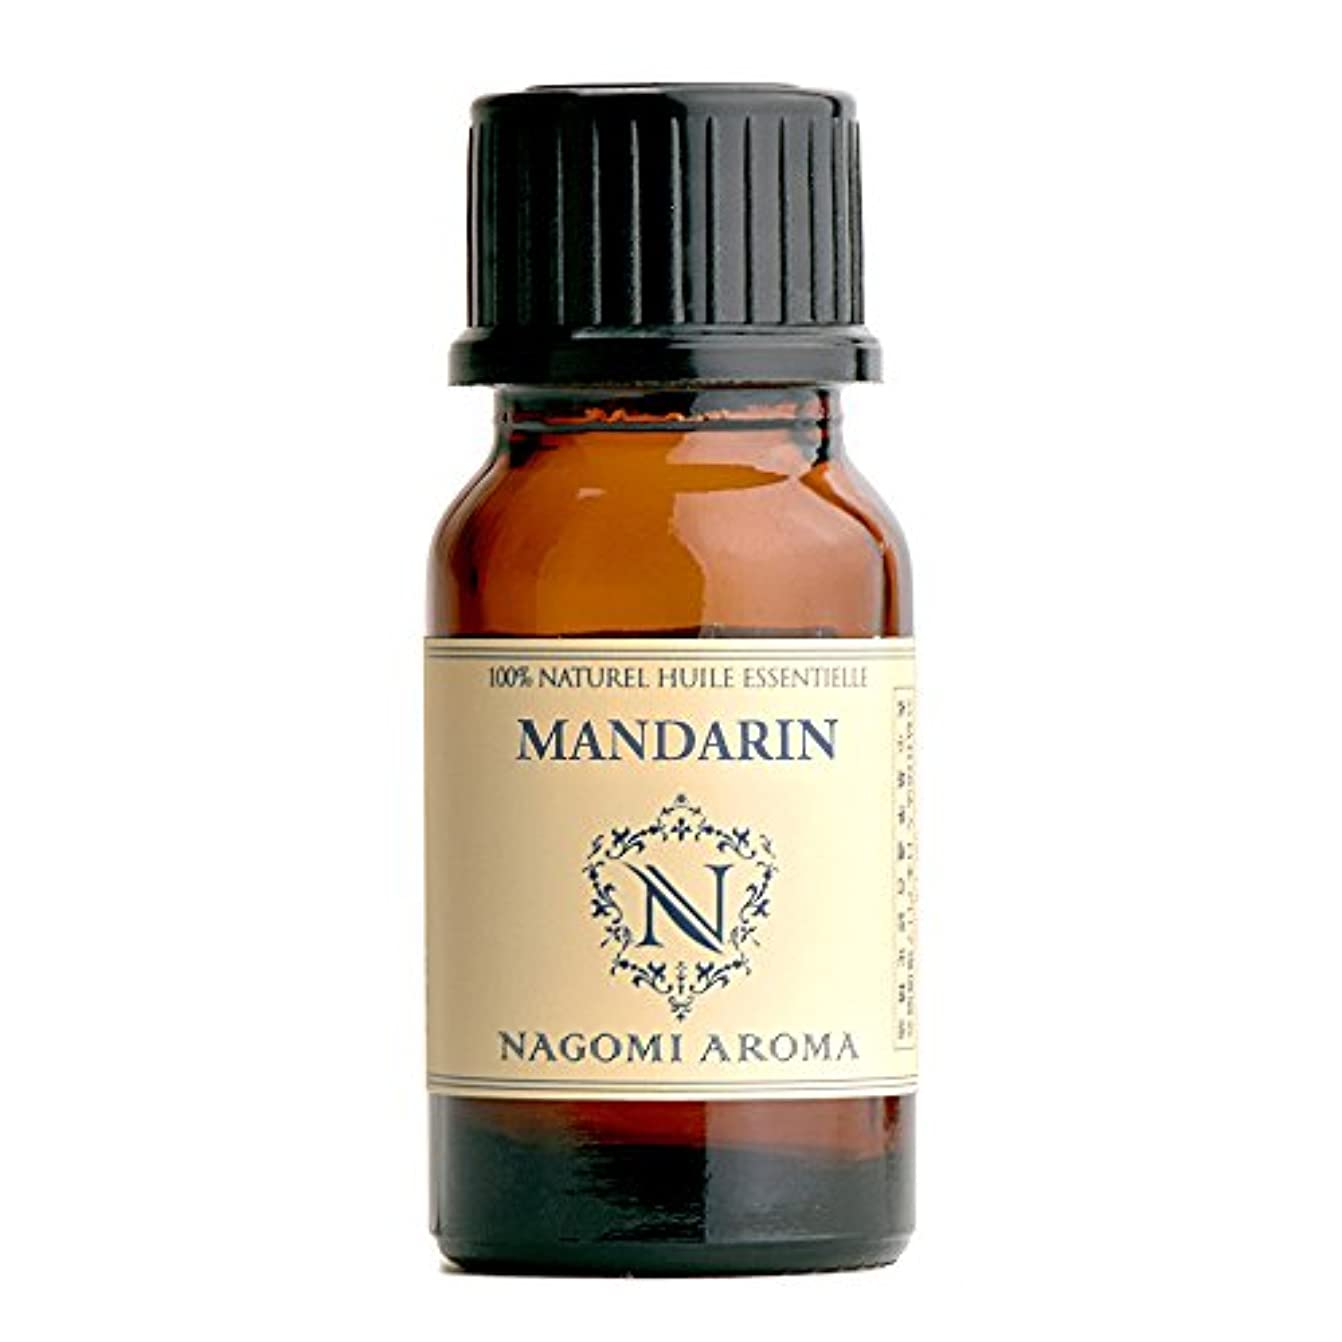 ずっとビン事実上NAGOMI AROMA マンダリン 10ml 【AEAJ認定精油】【アロマオイル】